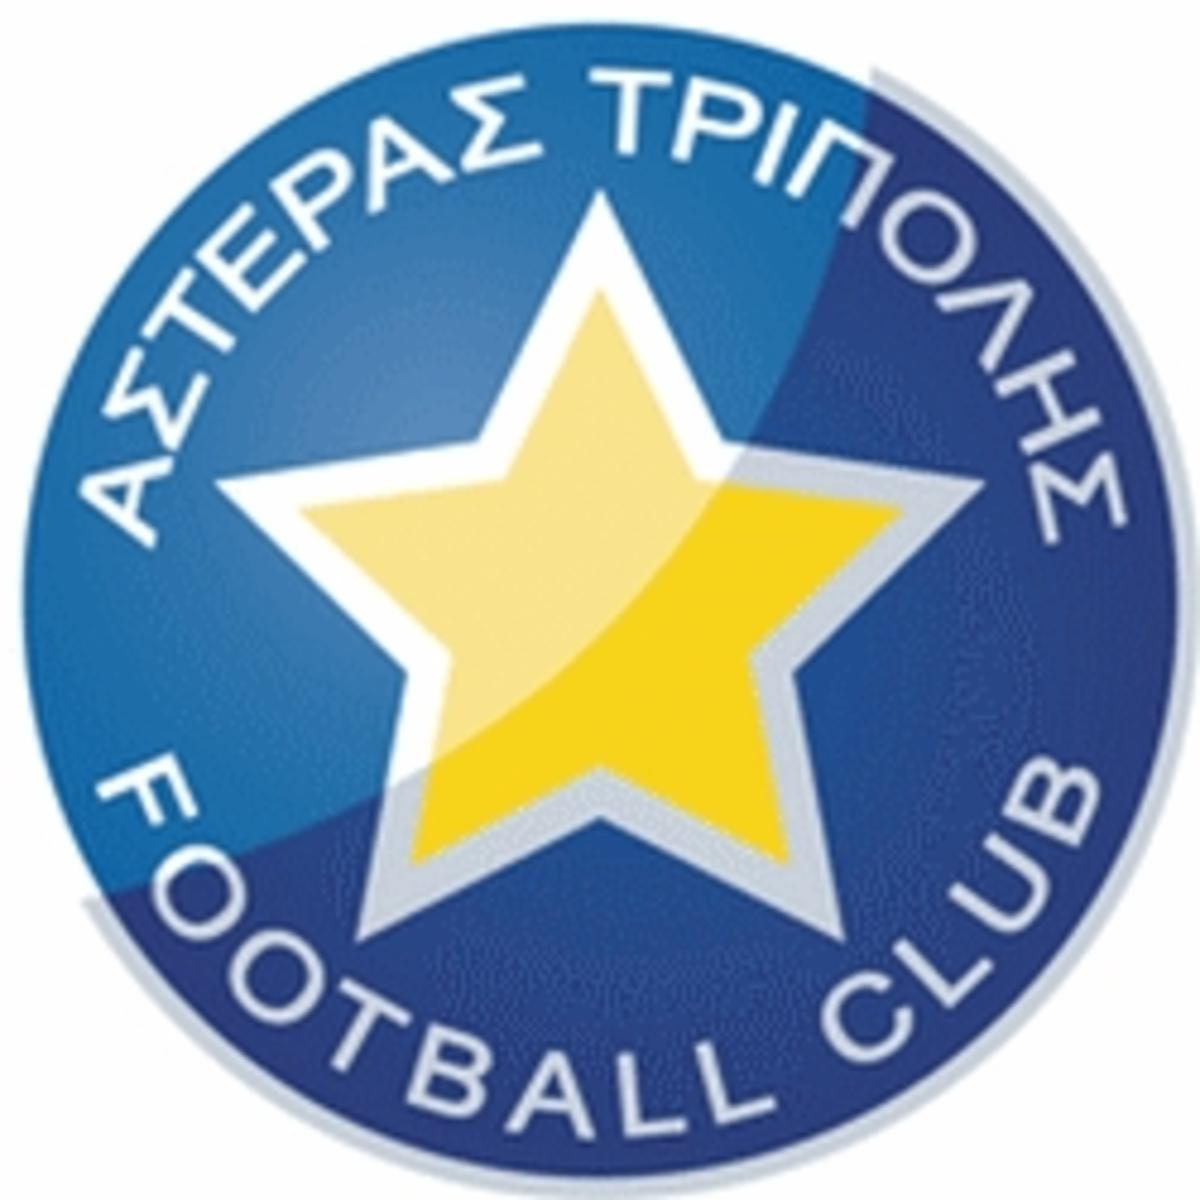 Ανακοίνωση-βόμβα- του Αστέρα Τρίπολης | Newsit.gr